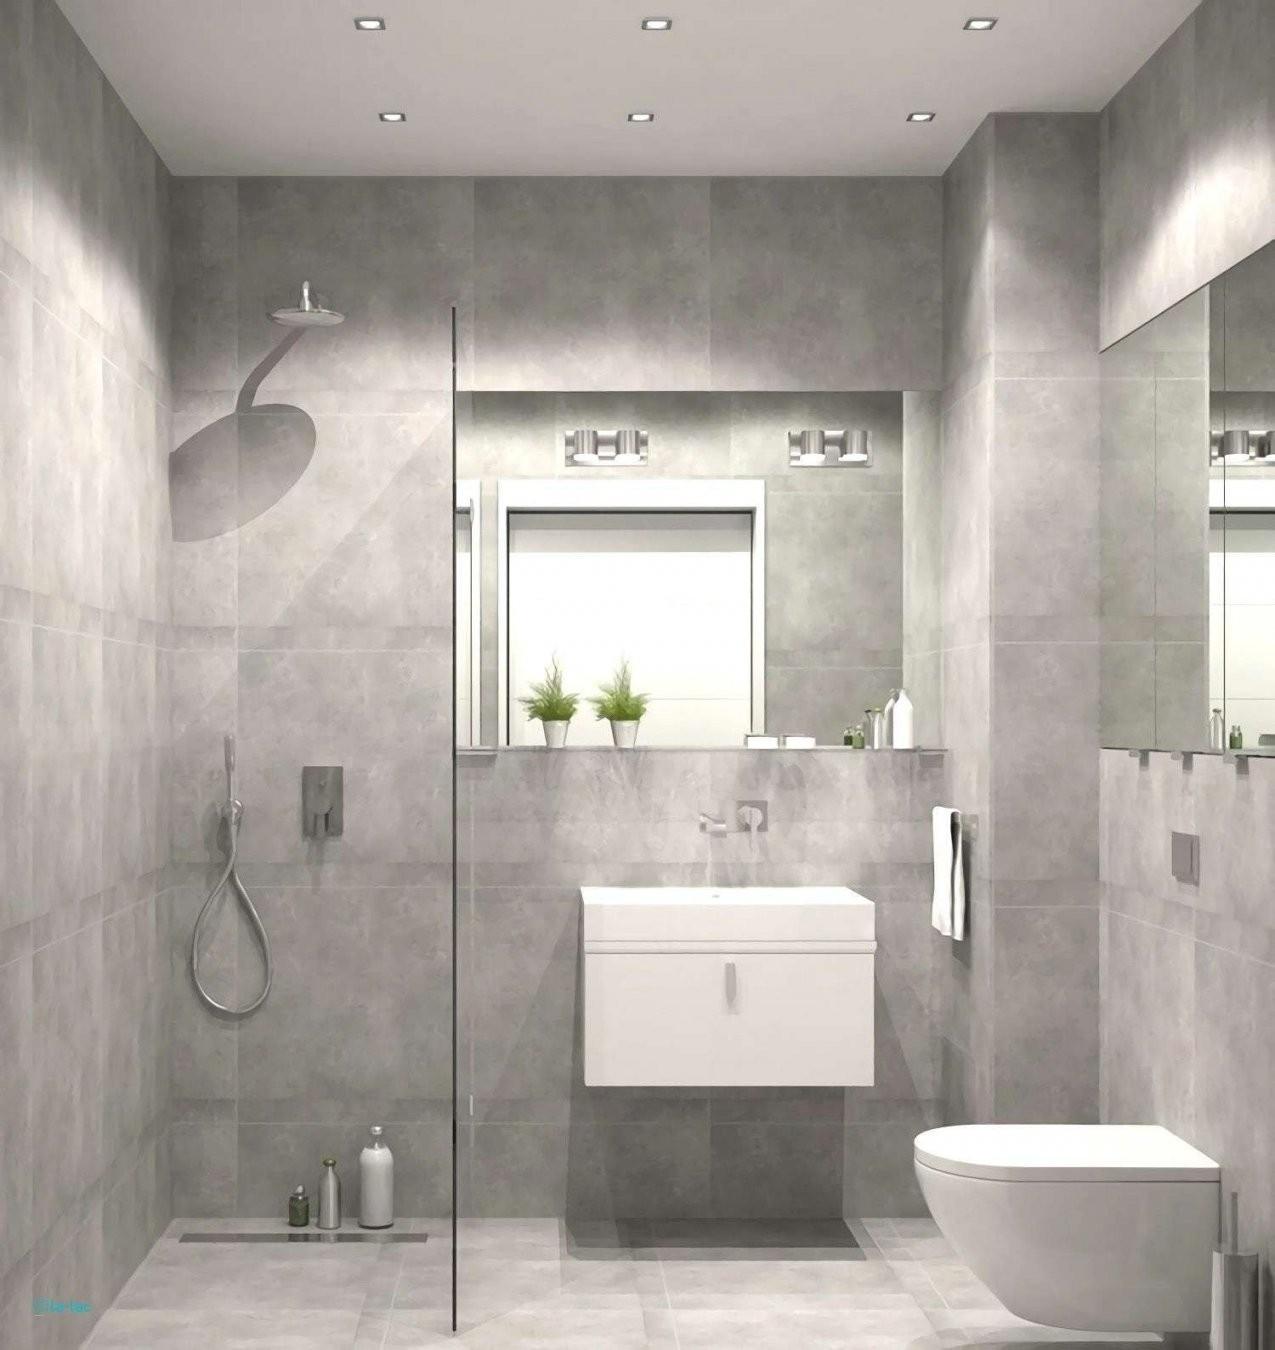 Das Schön Mit Hervorragend Badezimmer Ideen Für Kleine Bäder Ihre von Planung Badezimmer Ideen Bild